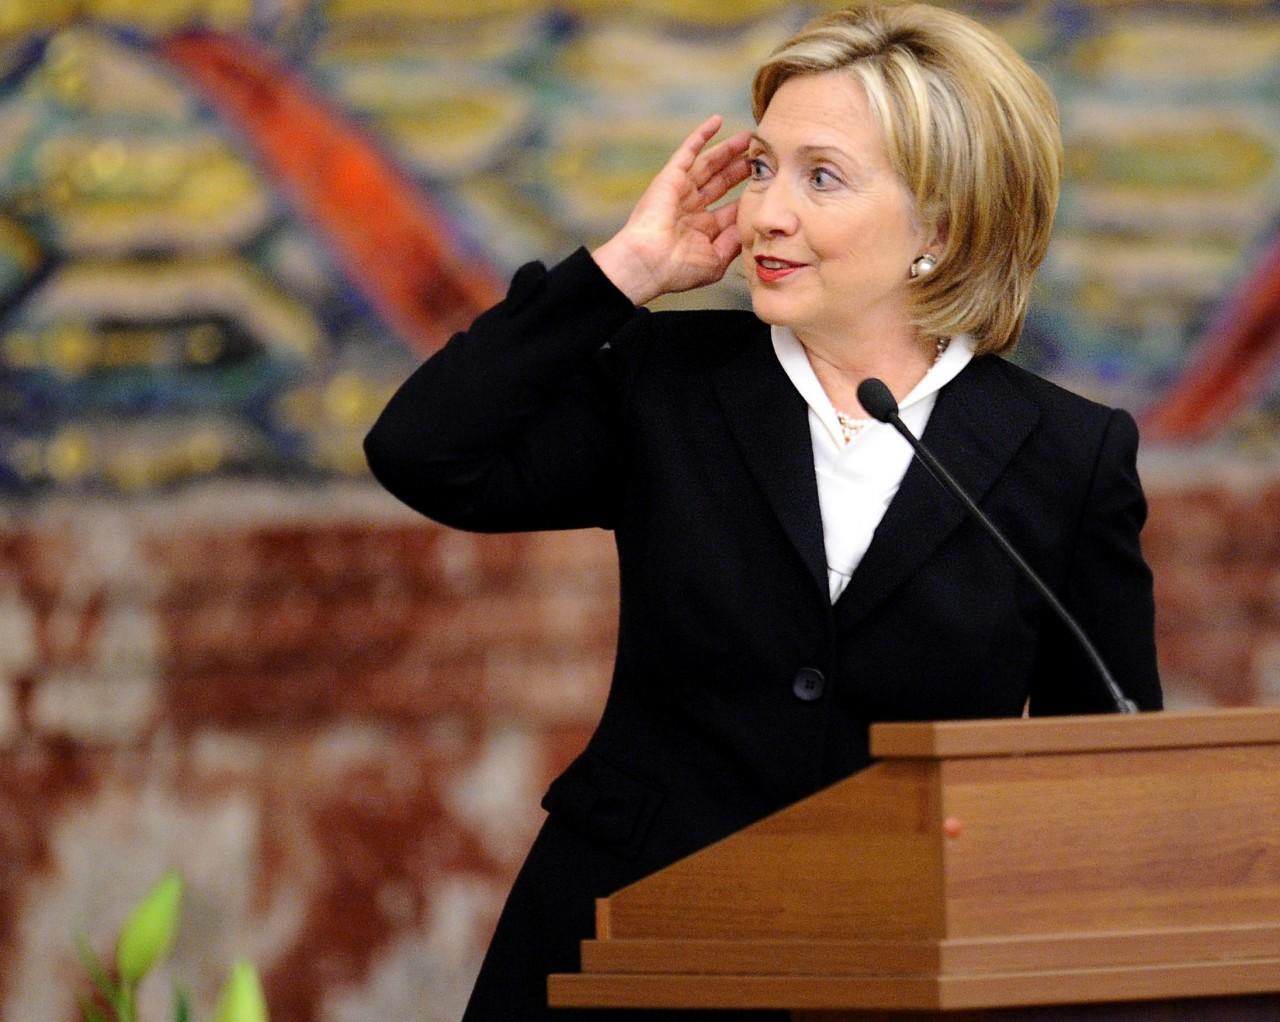 Хиллари 4.0. Почему даже демократы не хотят, чтобы Клинтон участвовала в выборах-2020